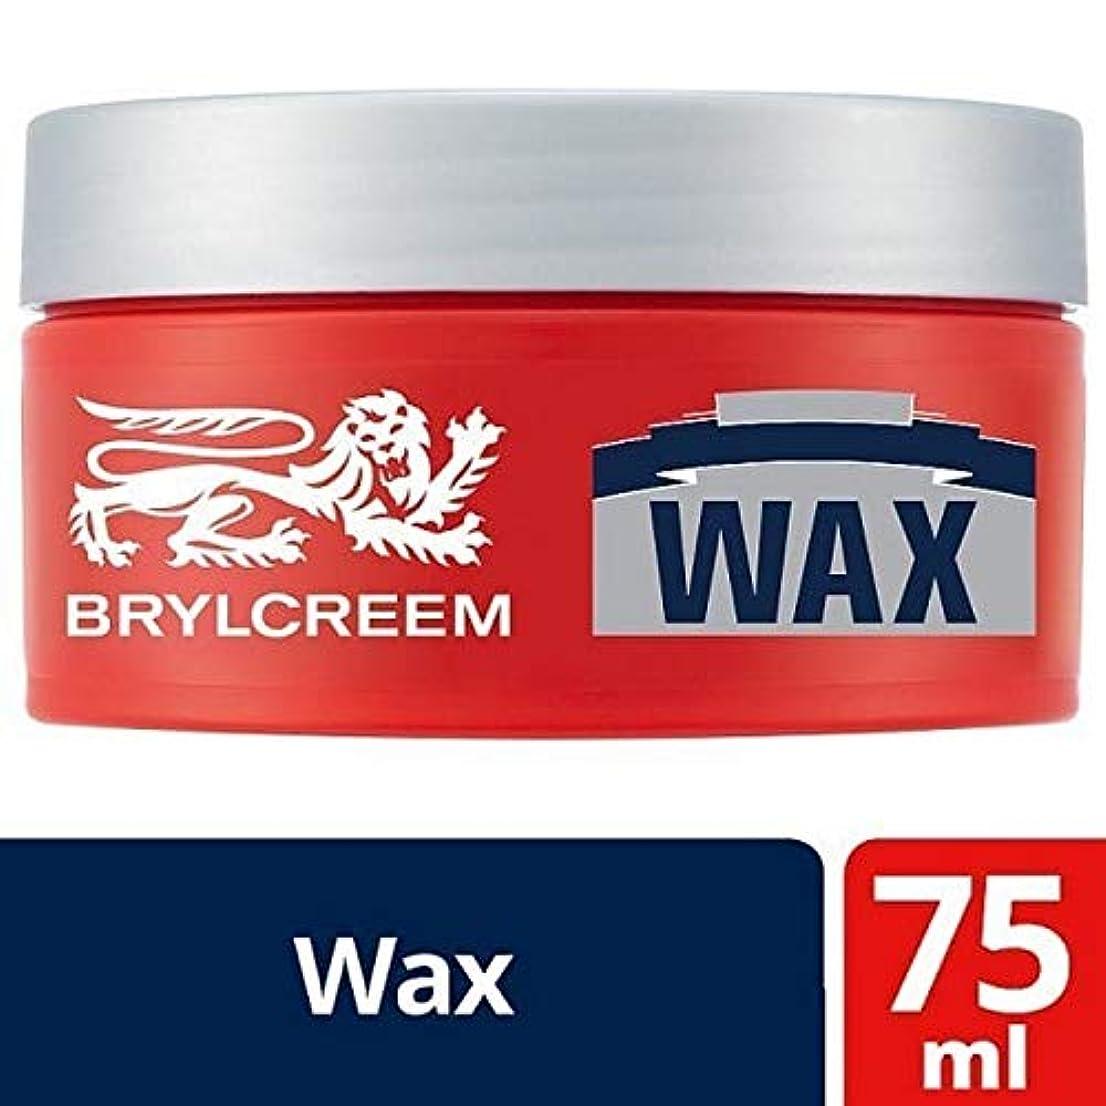 酸ヘロインスティーブンソン[Brylcreem] Brylcreemワックスヘアワックス75ミリリットル - Brylcreem Wax Hair Wax 75ml [並行輸入品]